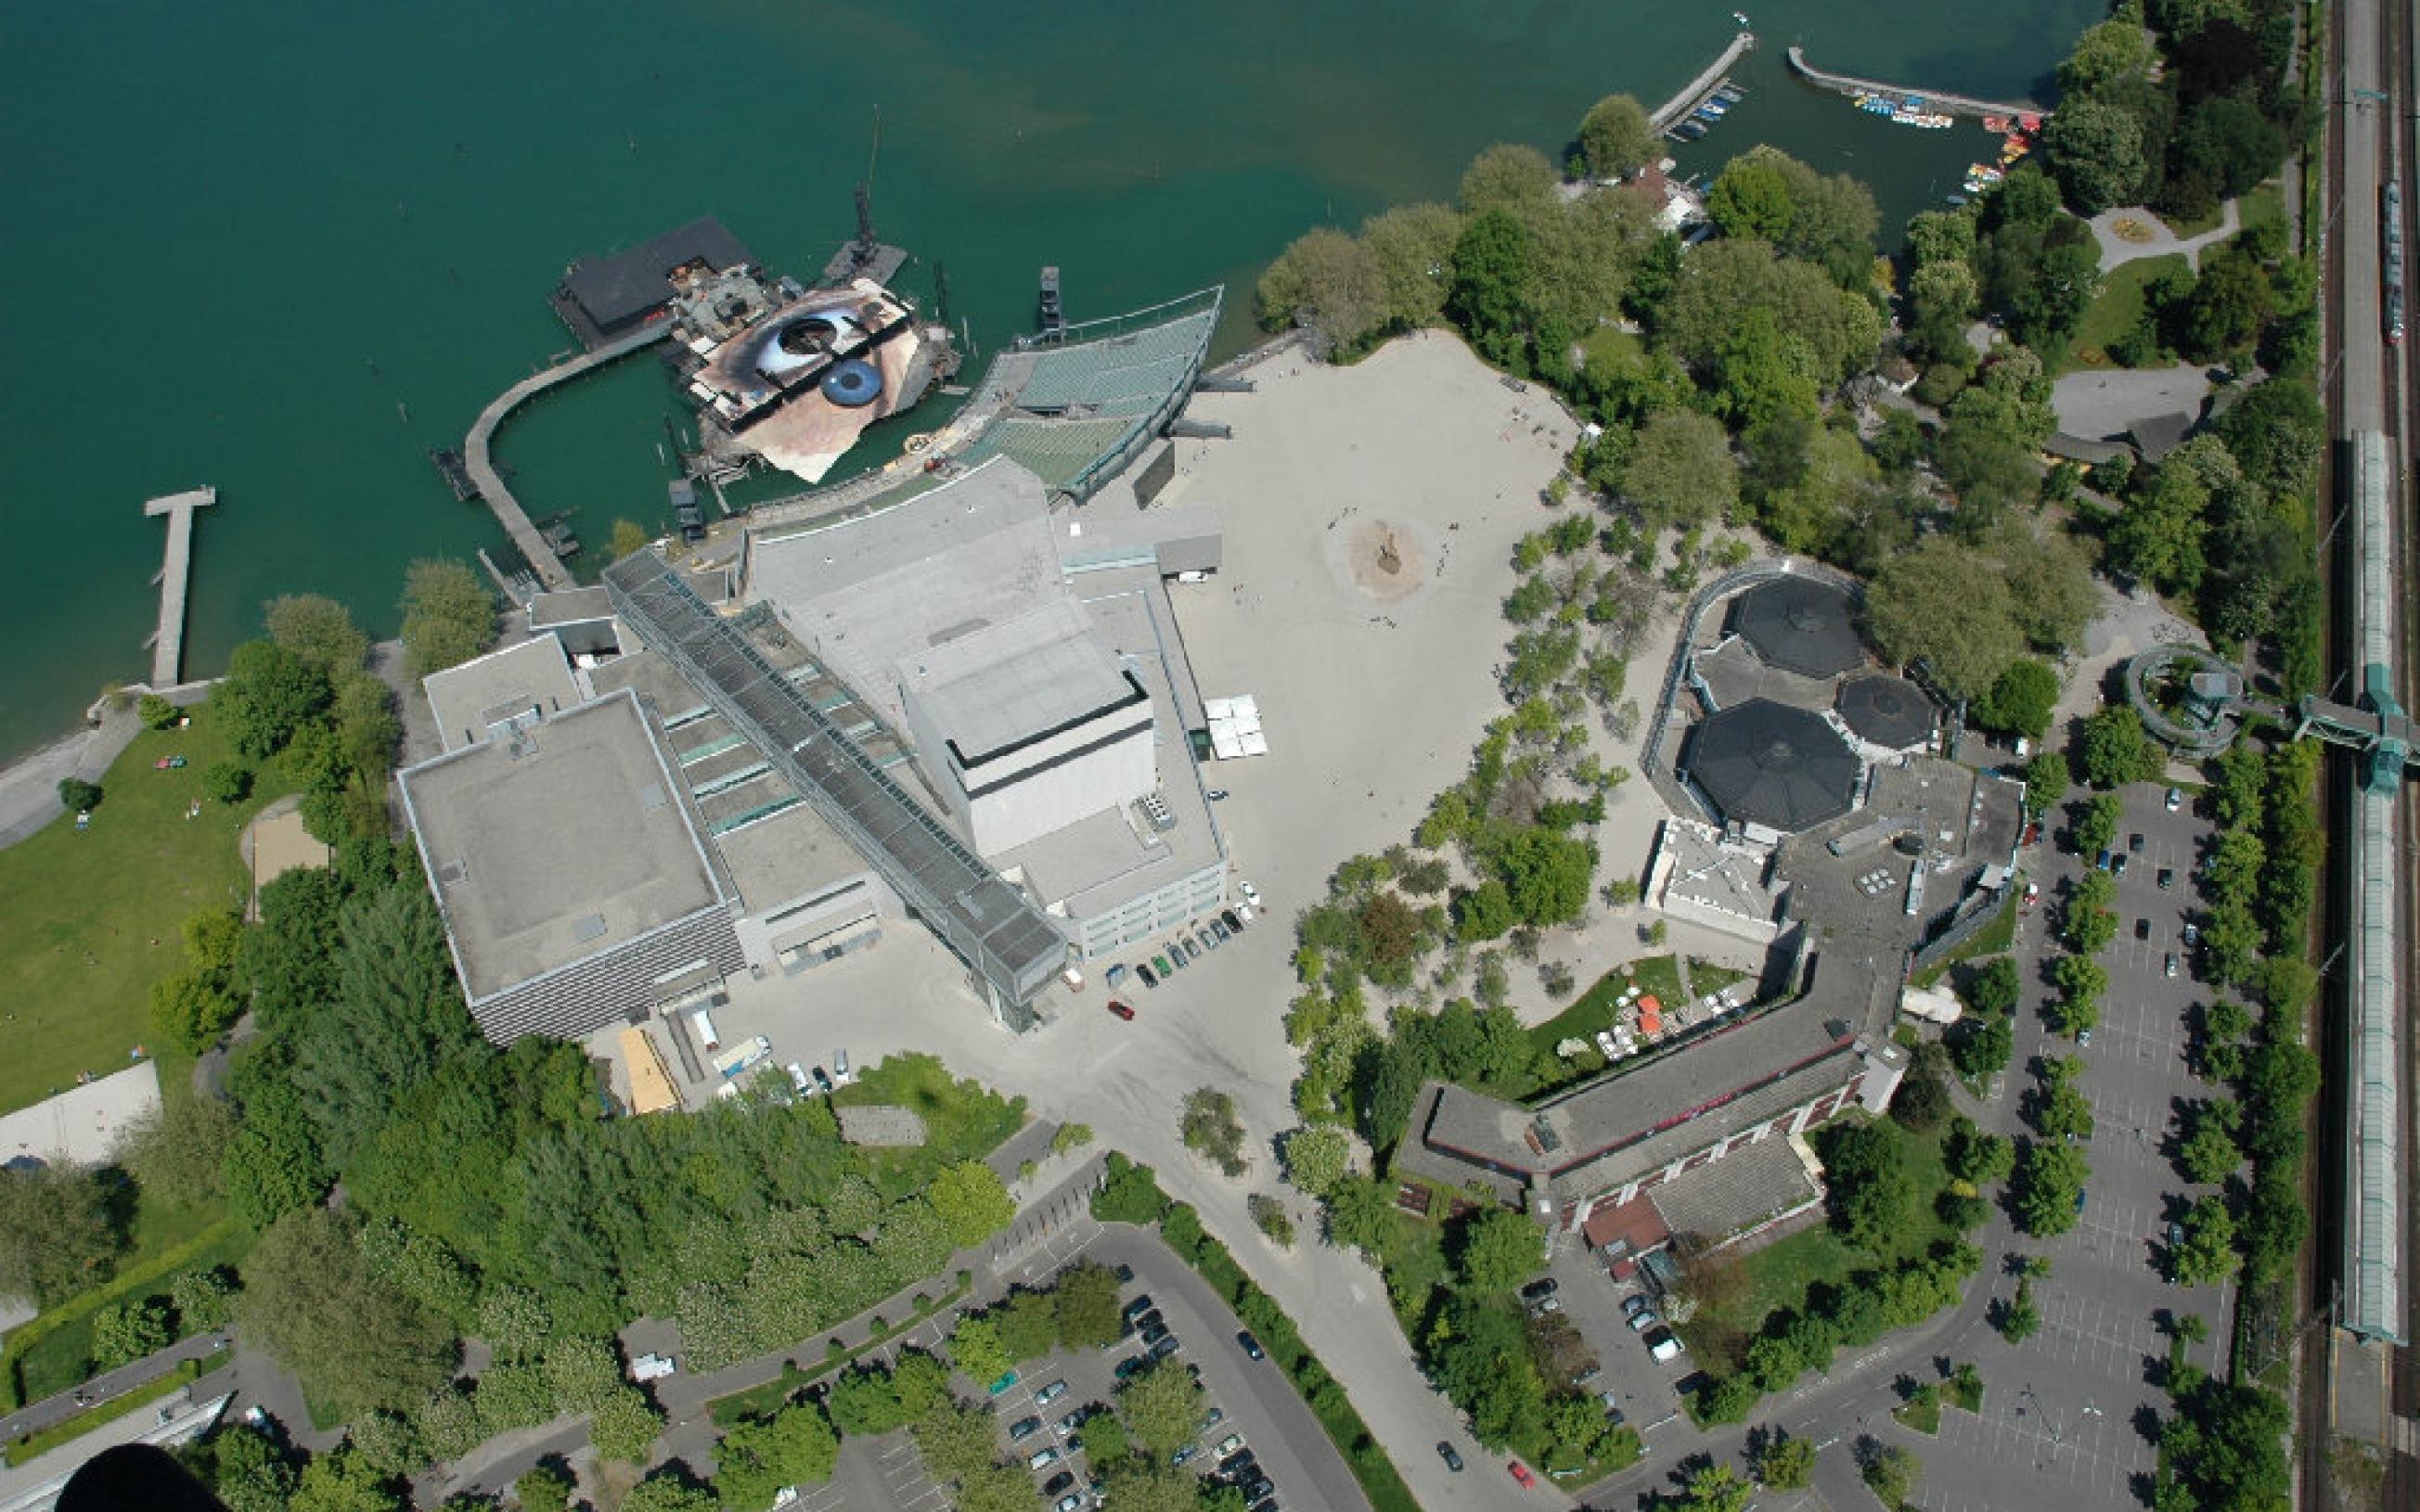 Die Seebühne und das Festspielhaus der Bregenzer Festspiele in Bregenz (Österreich) in einer Luftaufnahme.